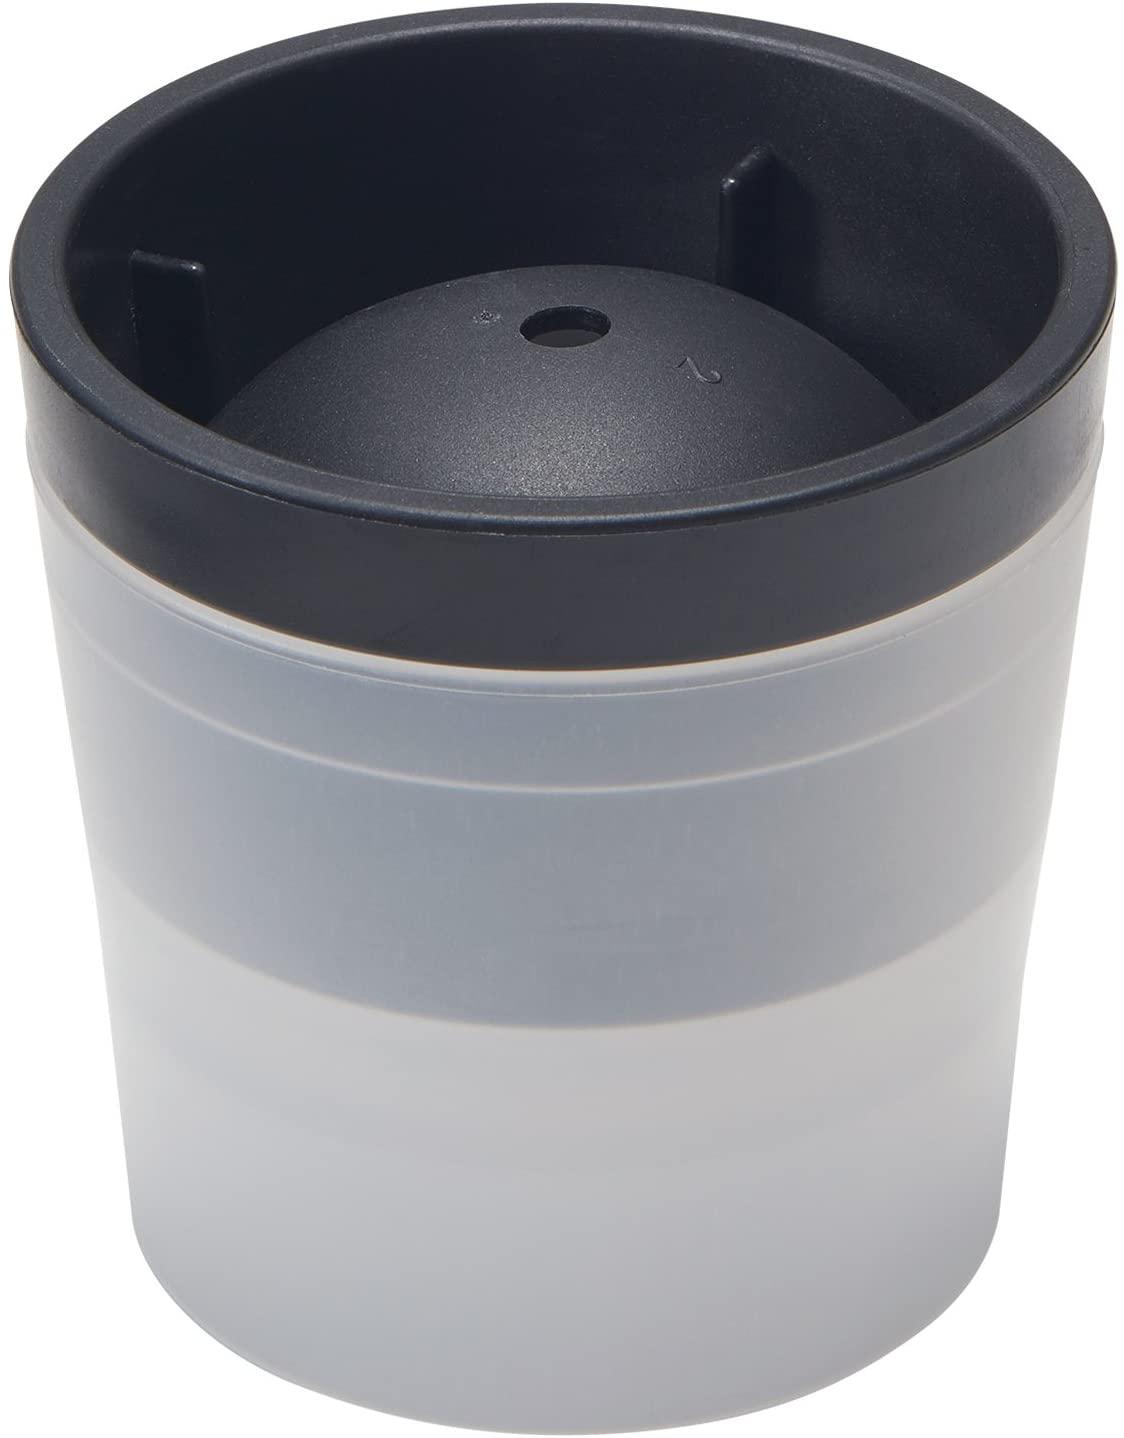 製氷皿俺の丸氷Ф7.5×高7.5cmブラック日本製STK-06